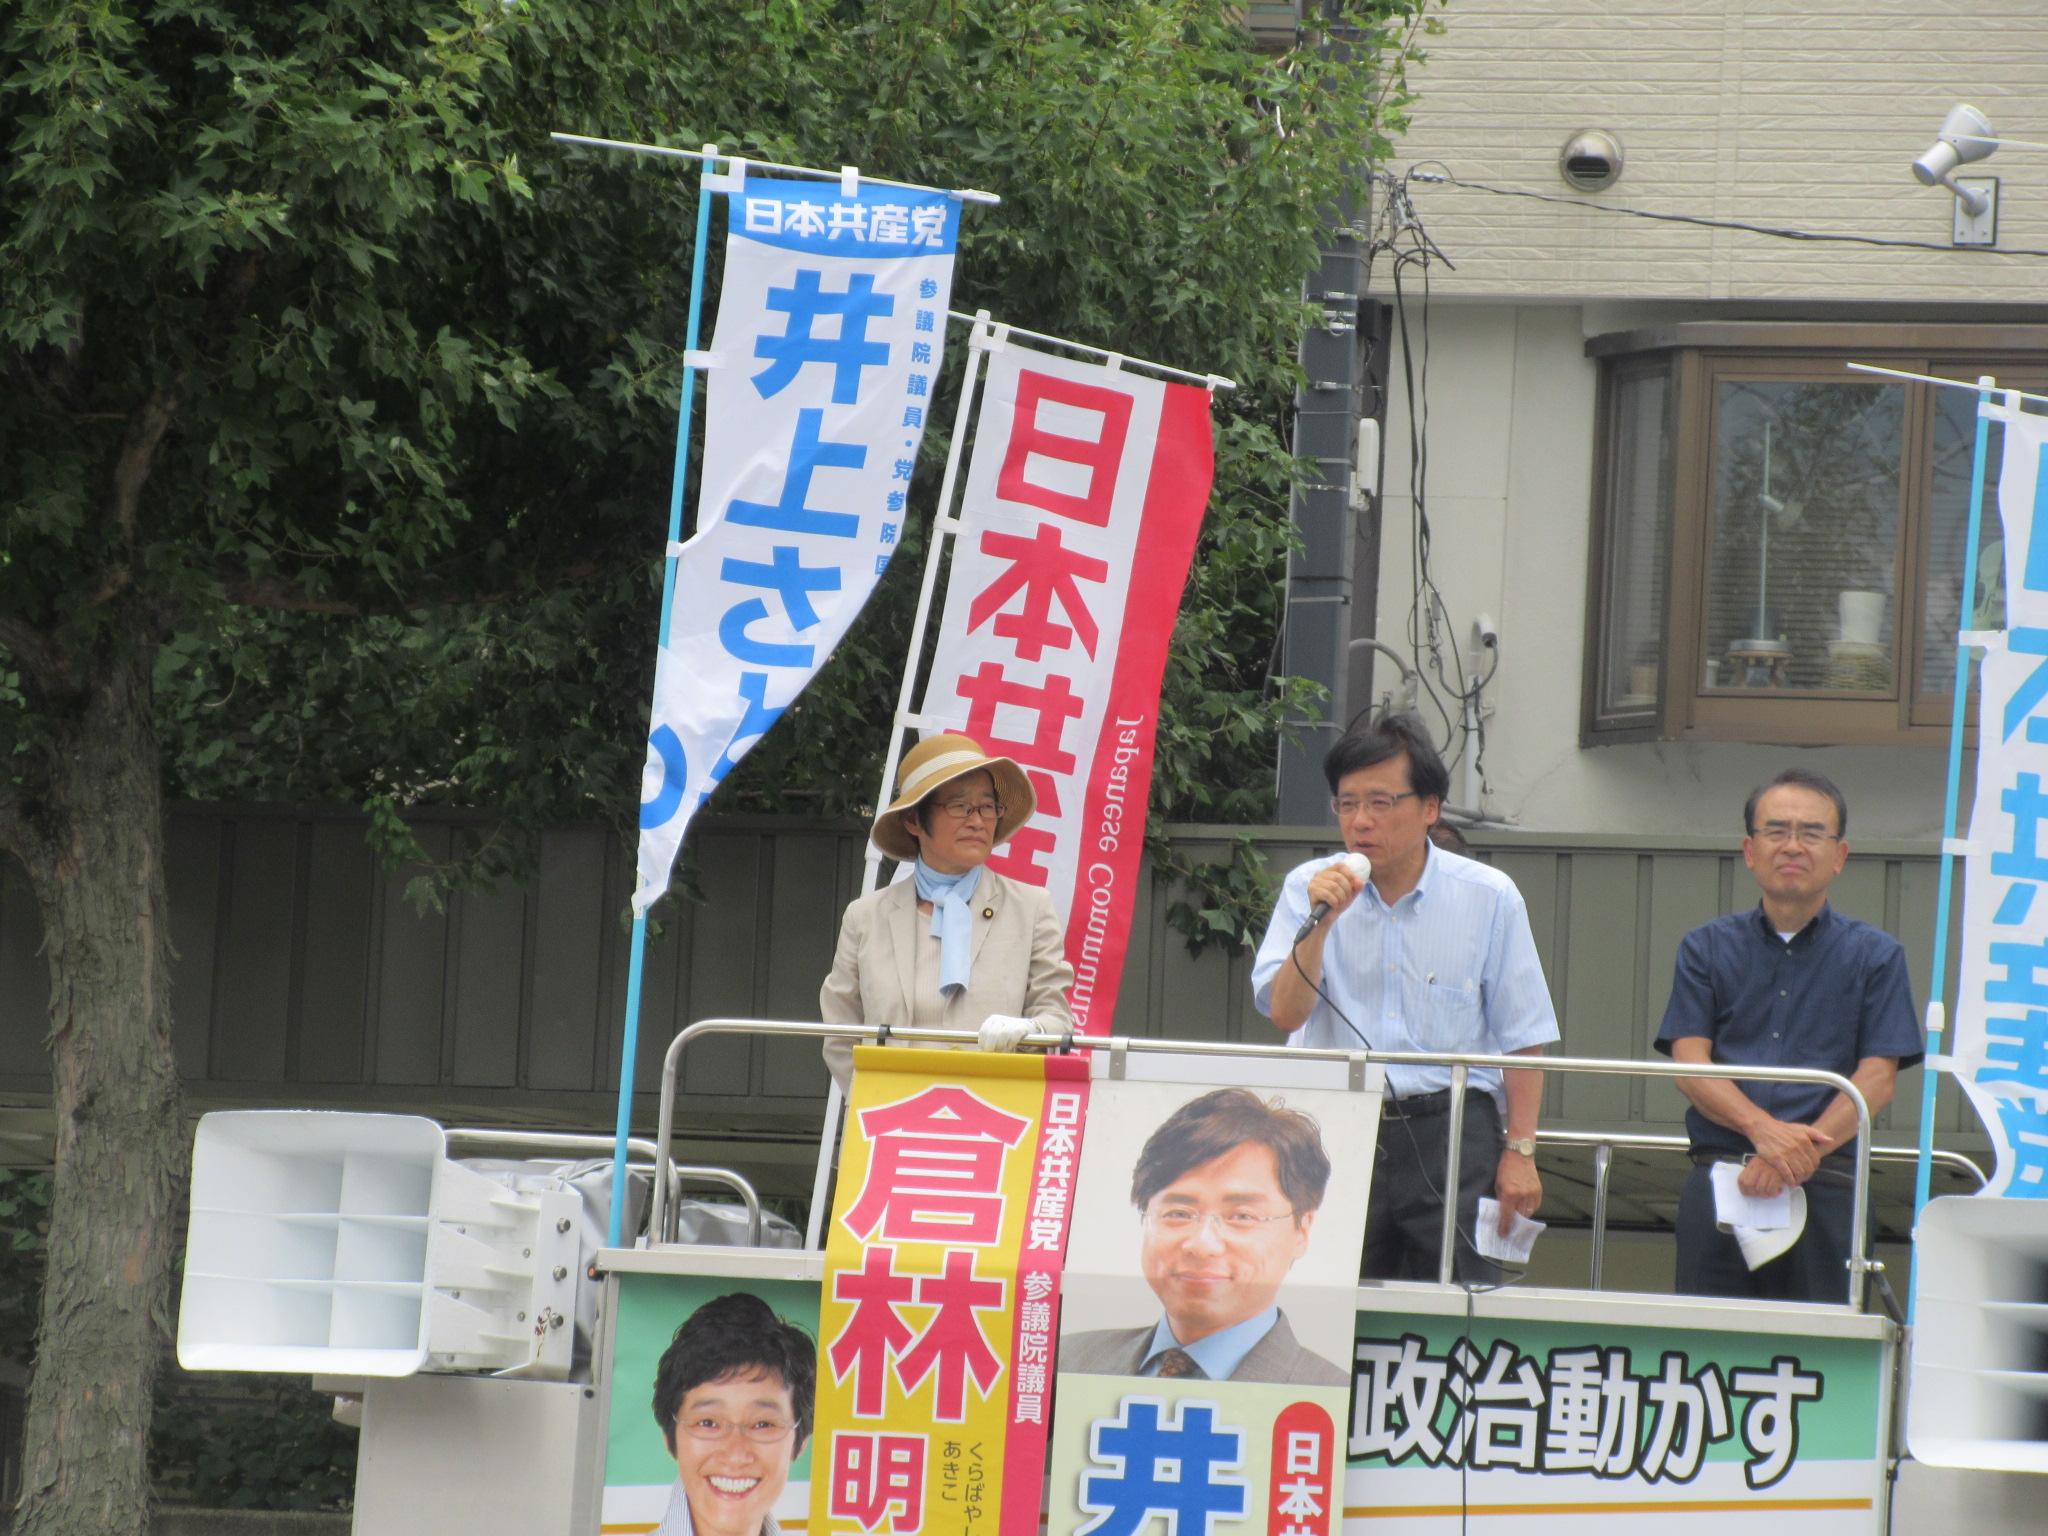 http://www.inoue-satoshi.com/diary/IMG_5829.JPG